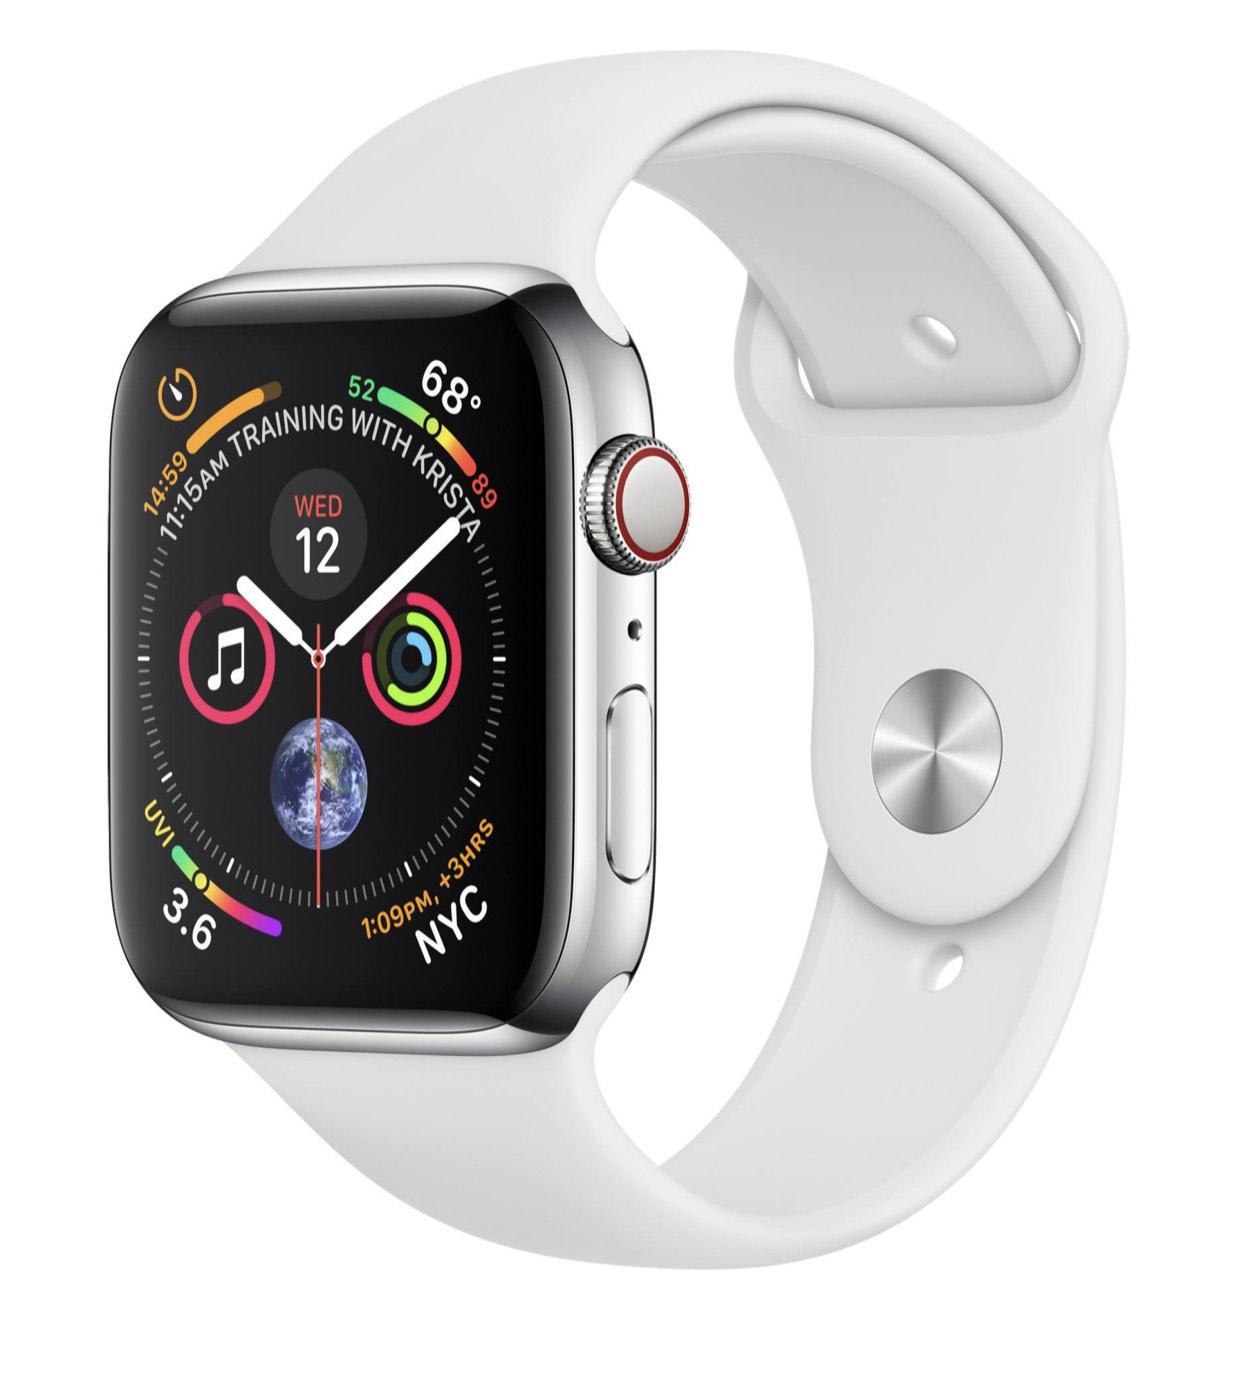 [Schweiz] 25% Rabatt auf APPLE Watch Series 4 Modelle